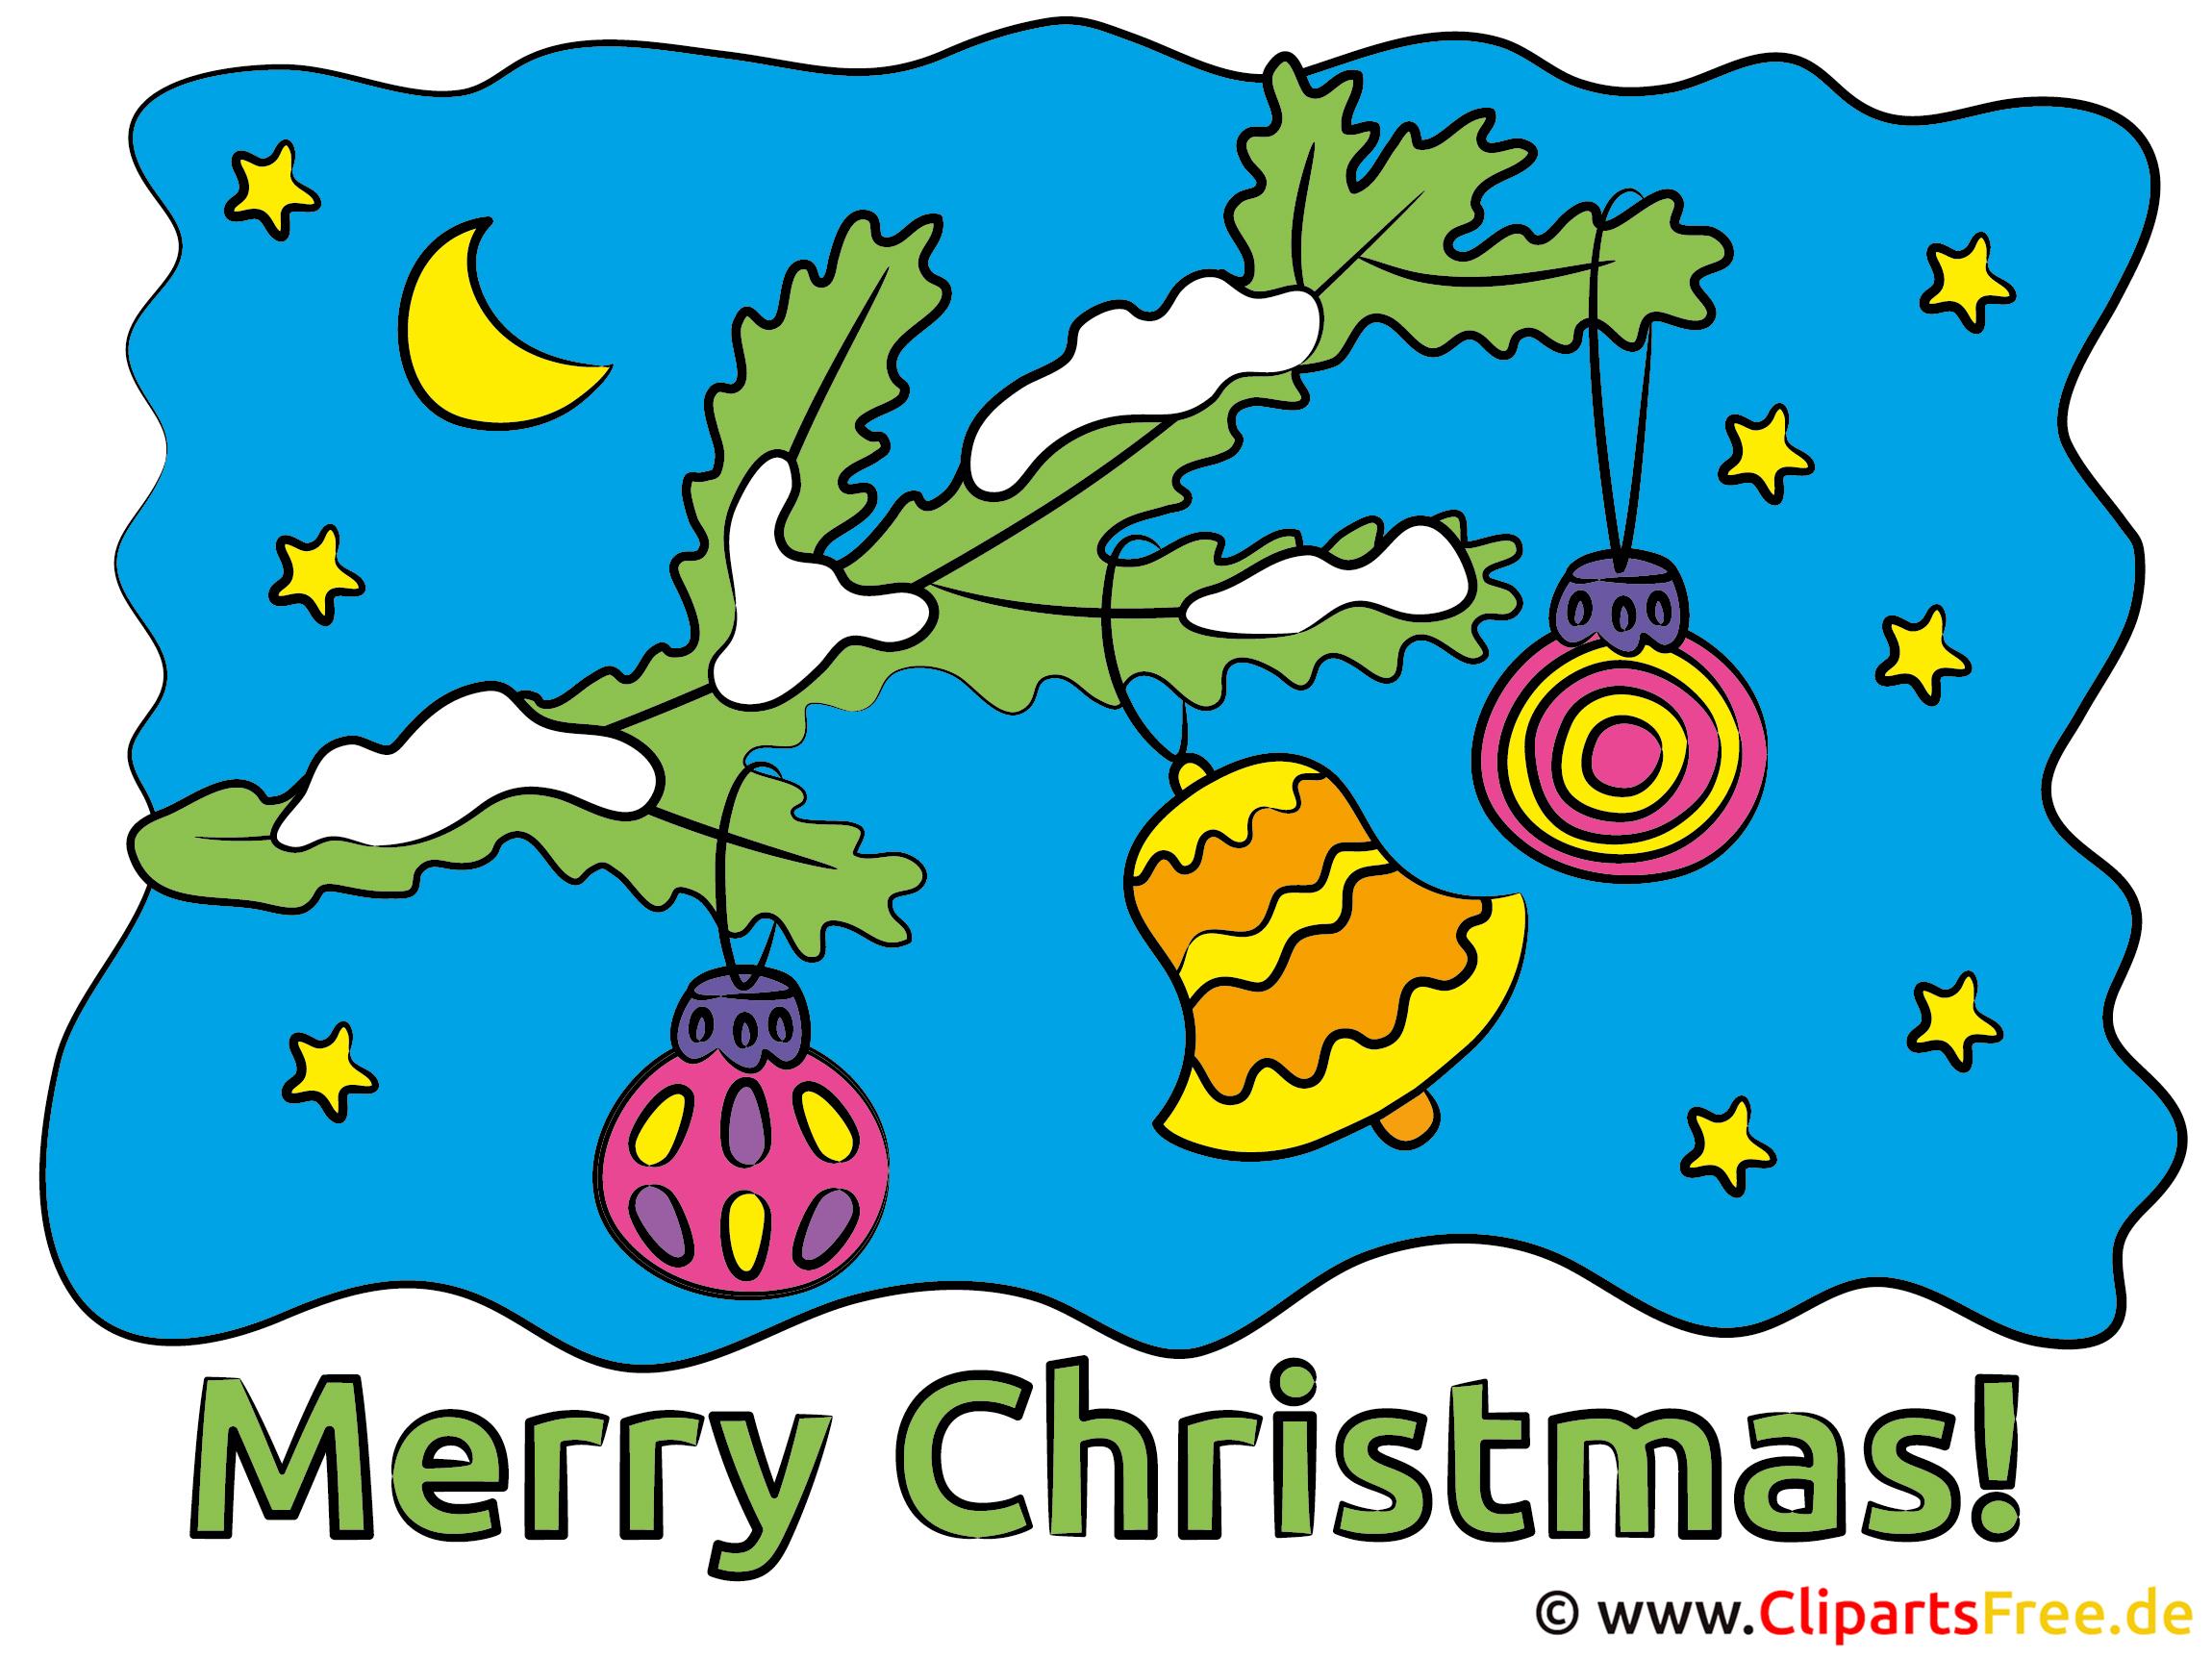 Email weihnachtskarten - Weihnachtskarten kostenlos verschicken ...